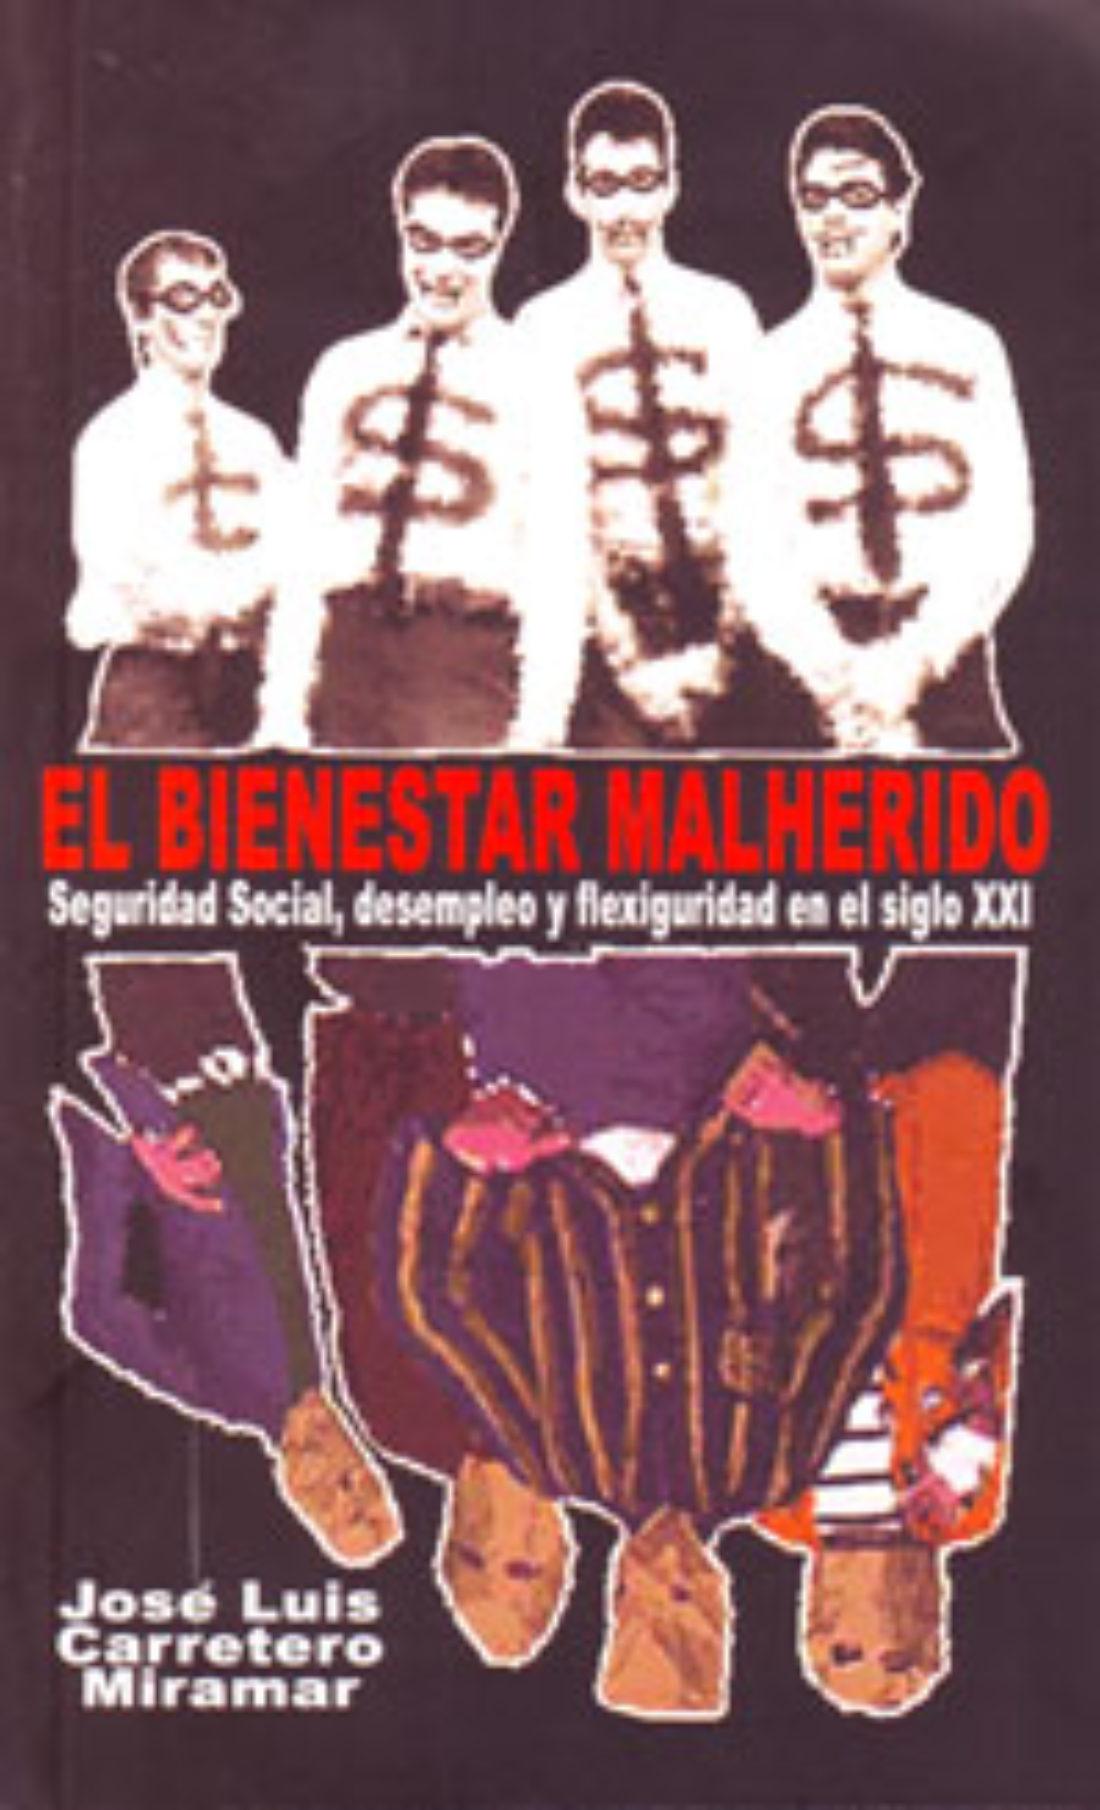 Madrid: LaMalatesta, V14 – 19:30h. Presentación «El bienestar malherido»